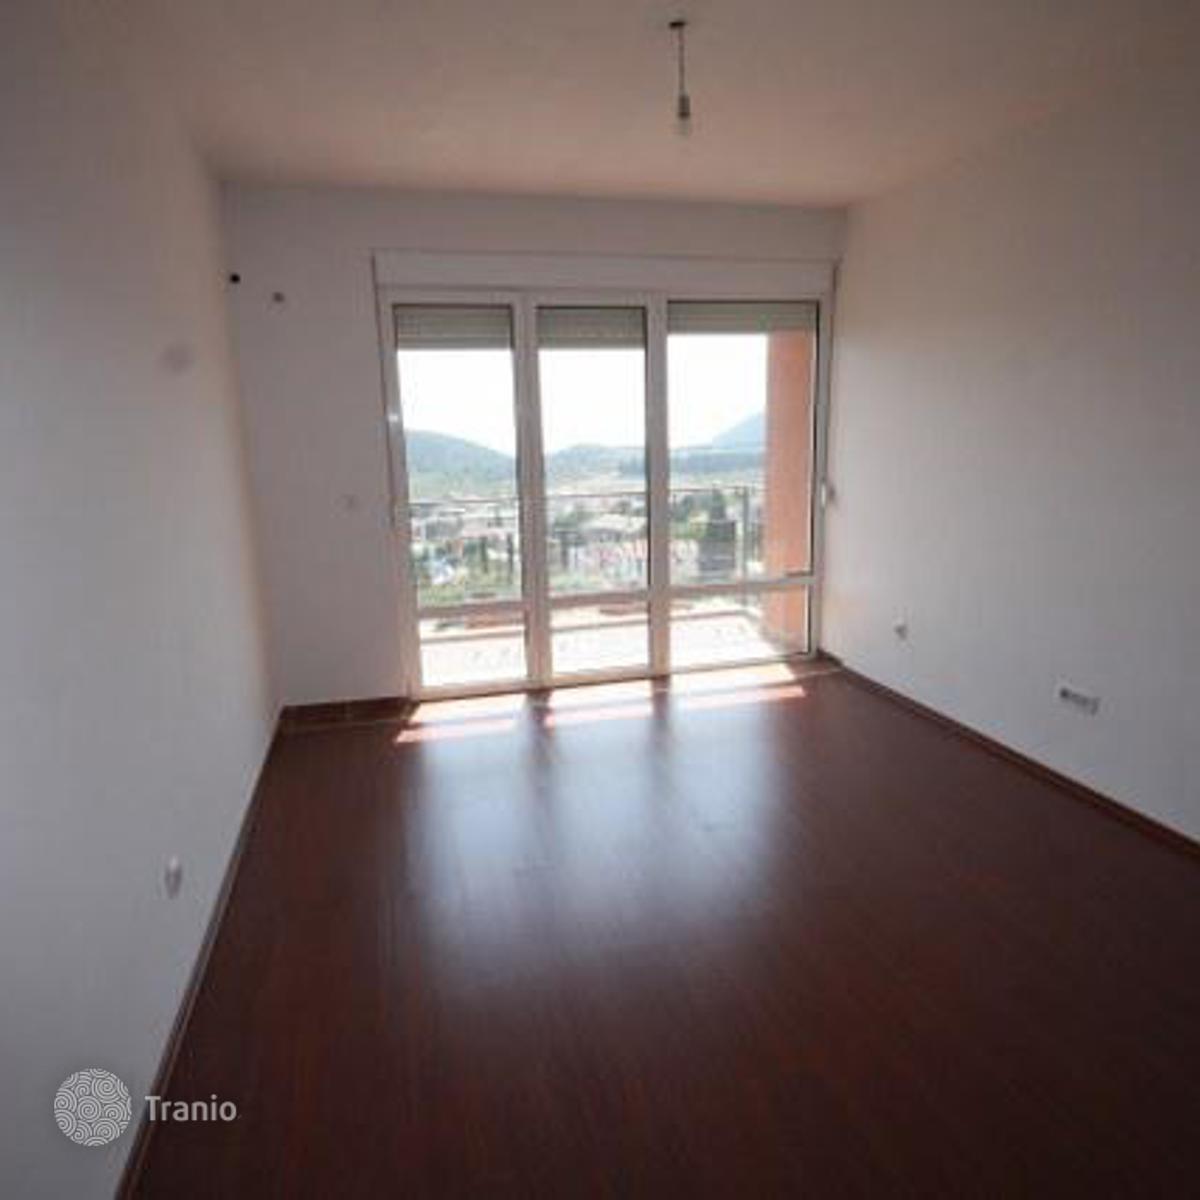 Продажа квартир в черногории эконом класса